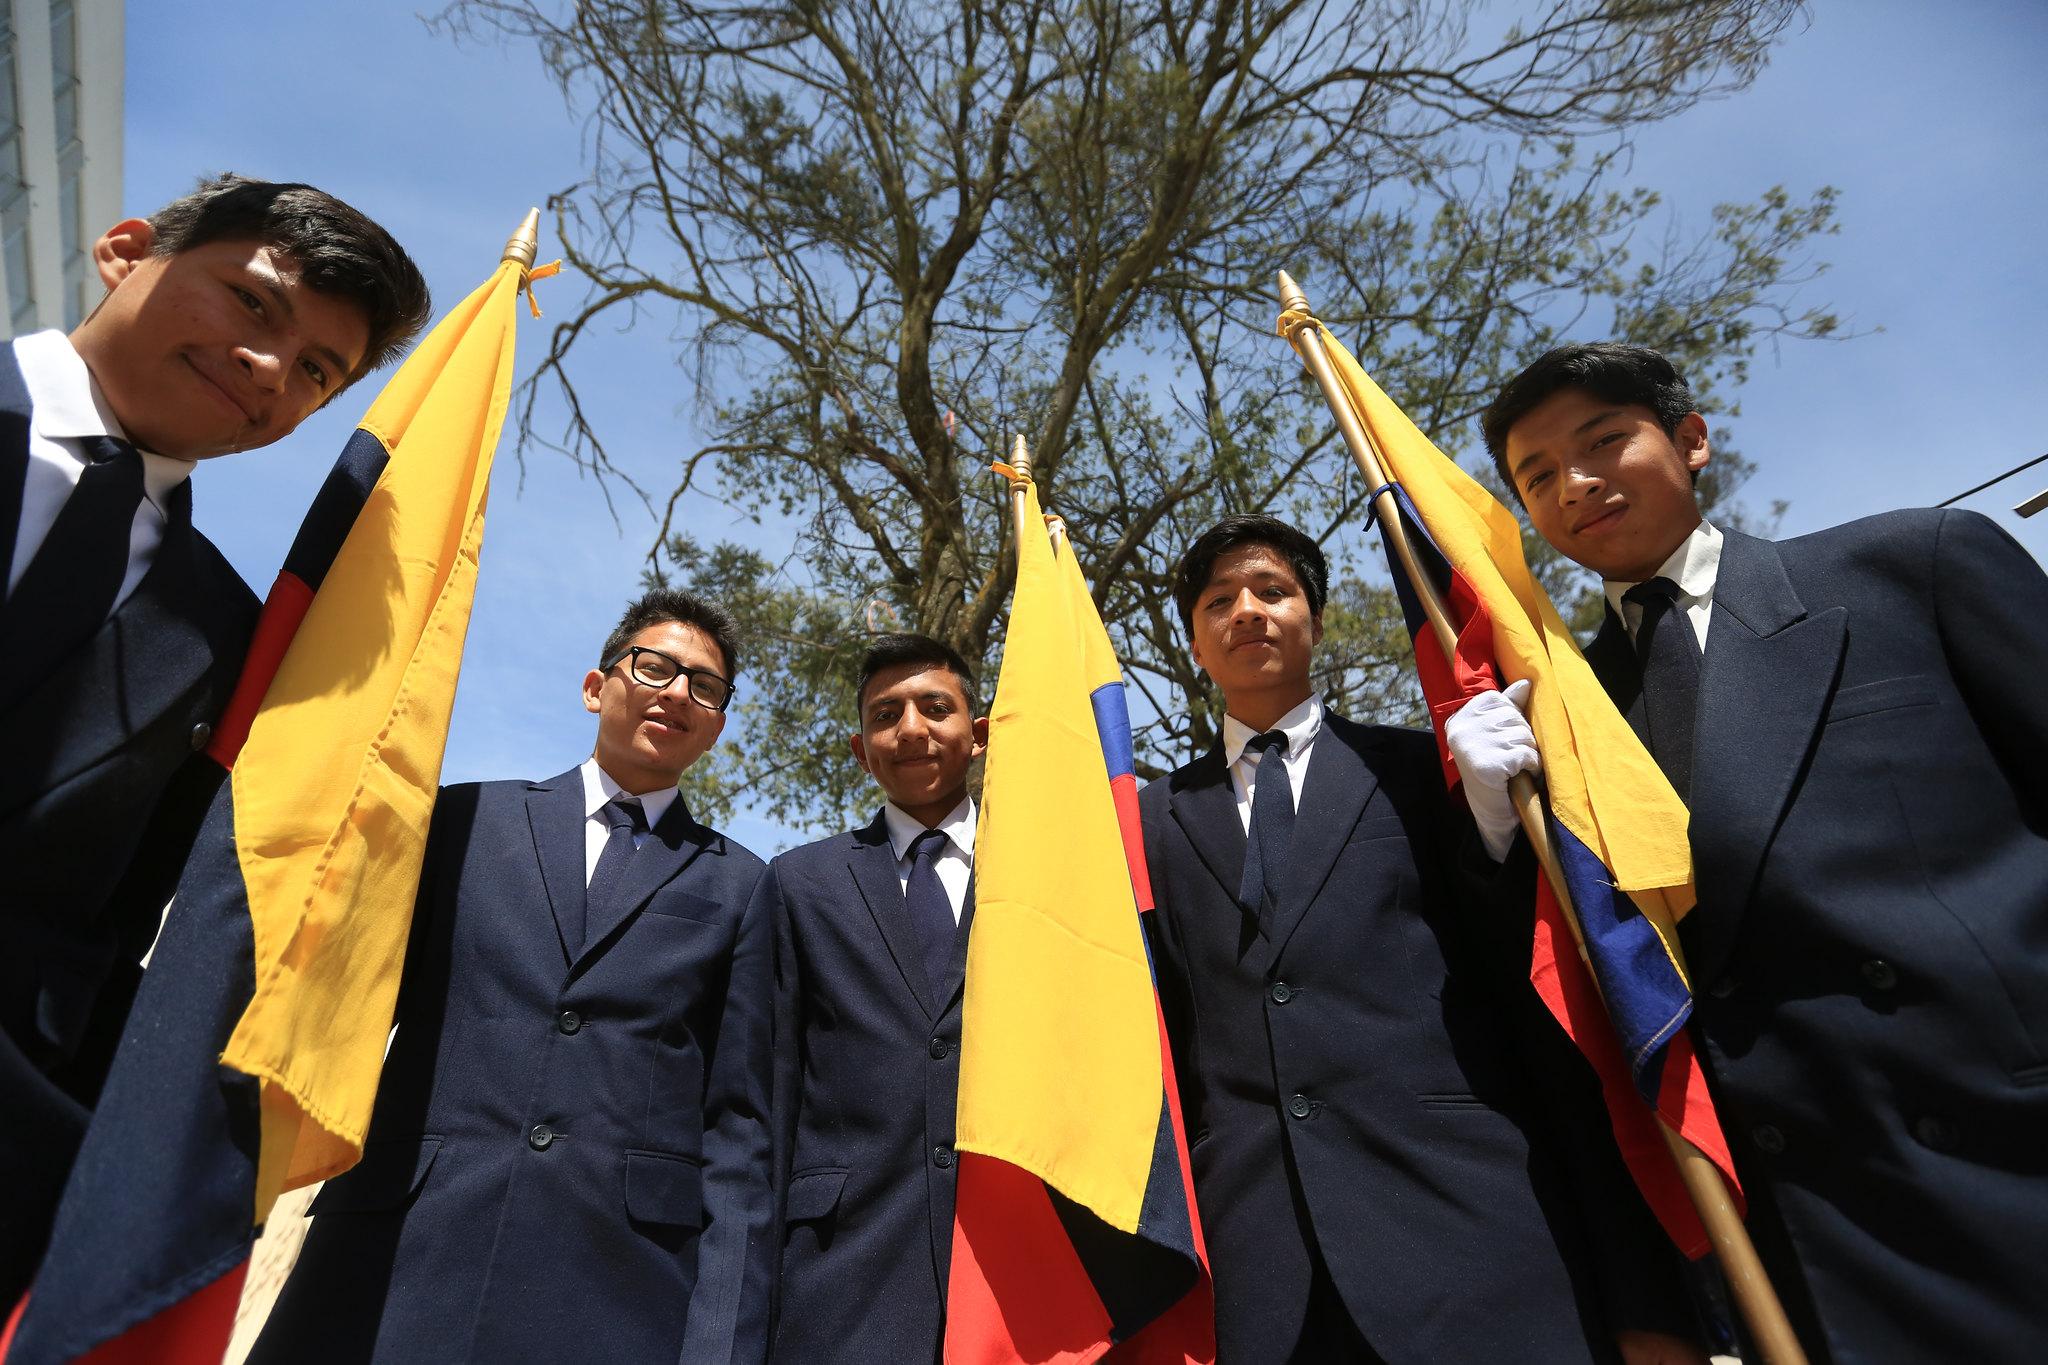 Día de la Bandera: Juramento al Pabellón Nacional Colegio Manuela Cañizares